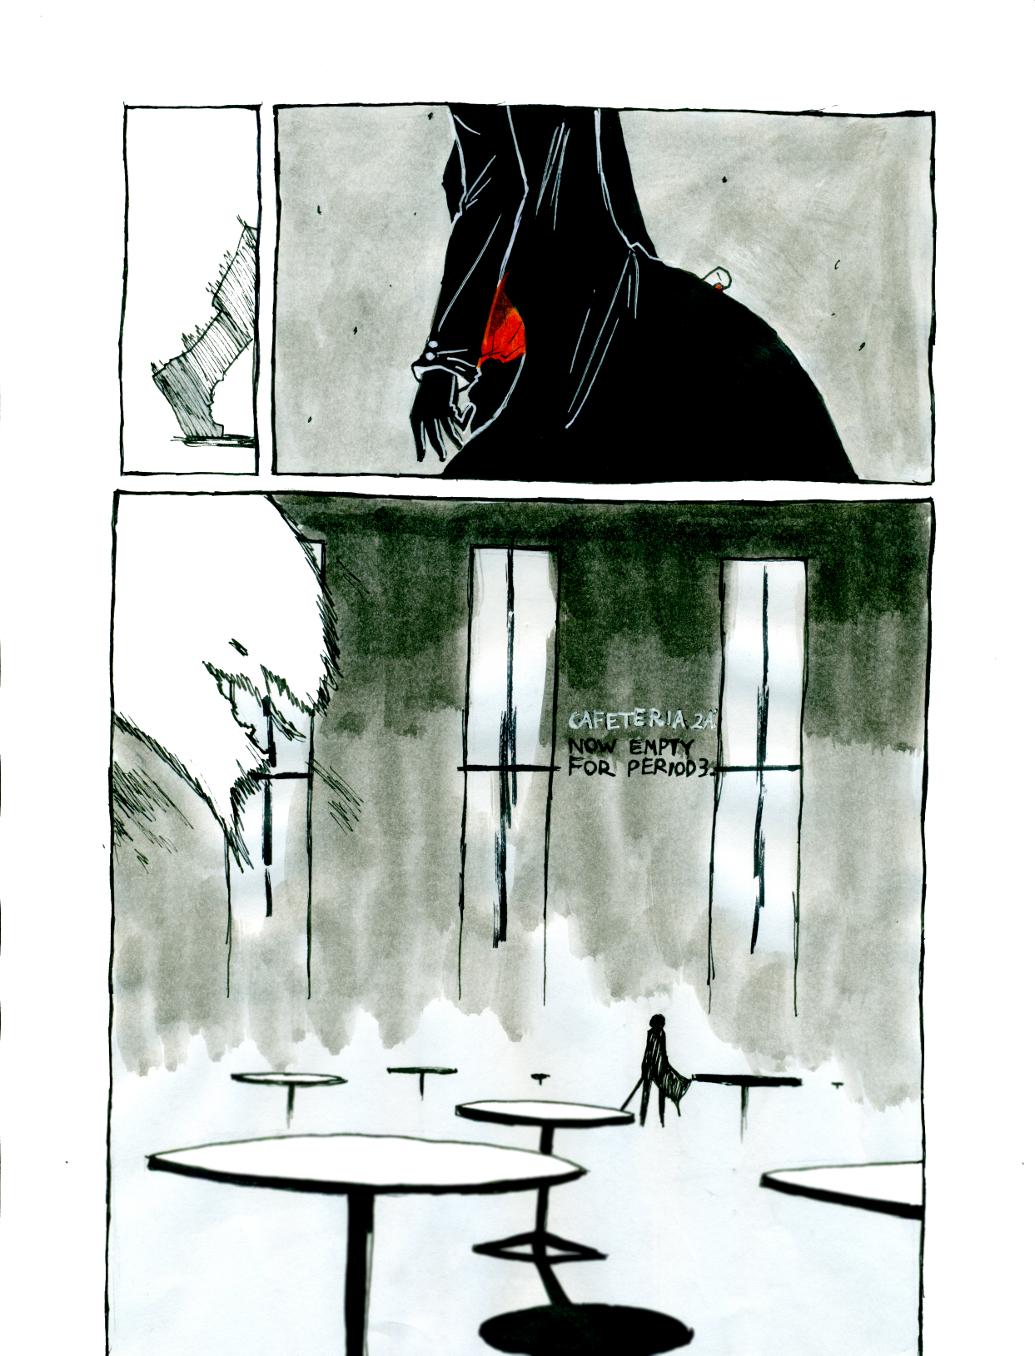 EP 1: pg 035